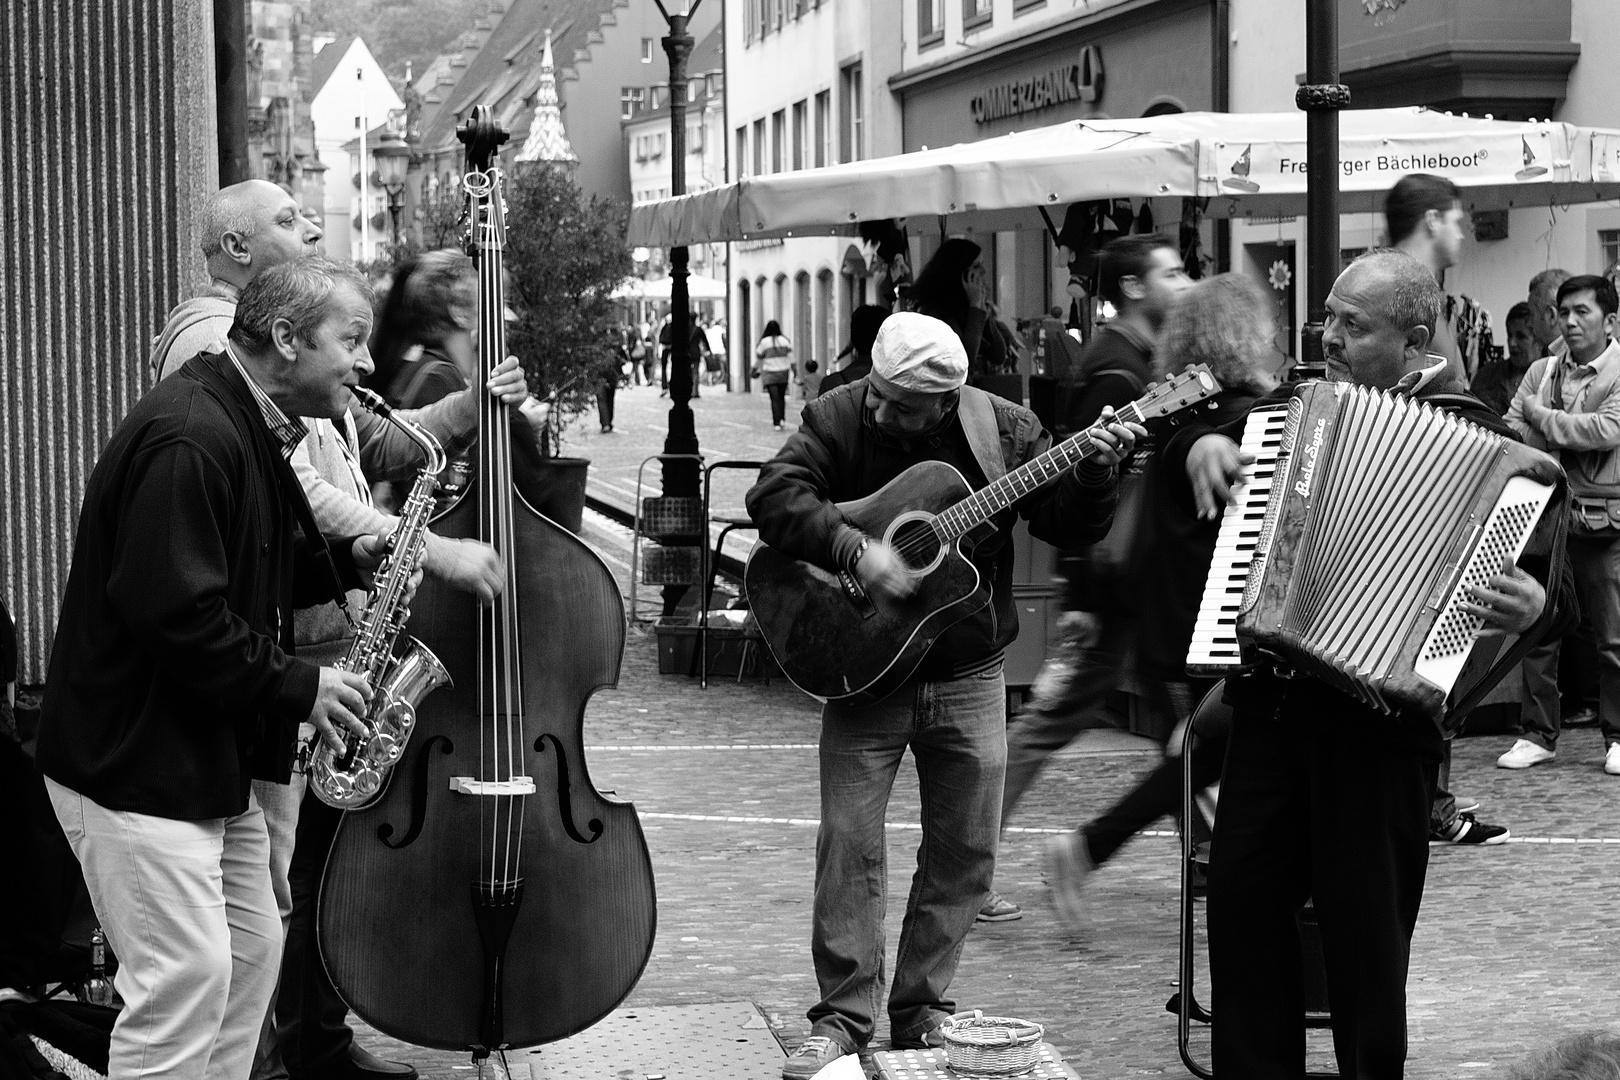 Straßenmusik ist doch was schönes